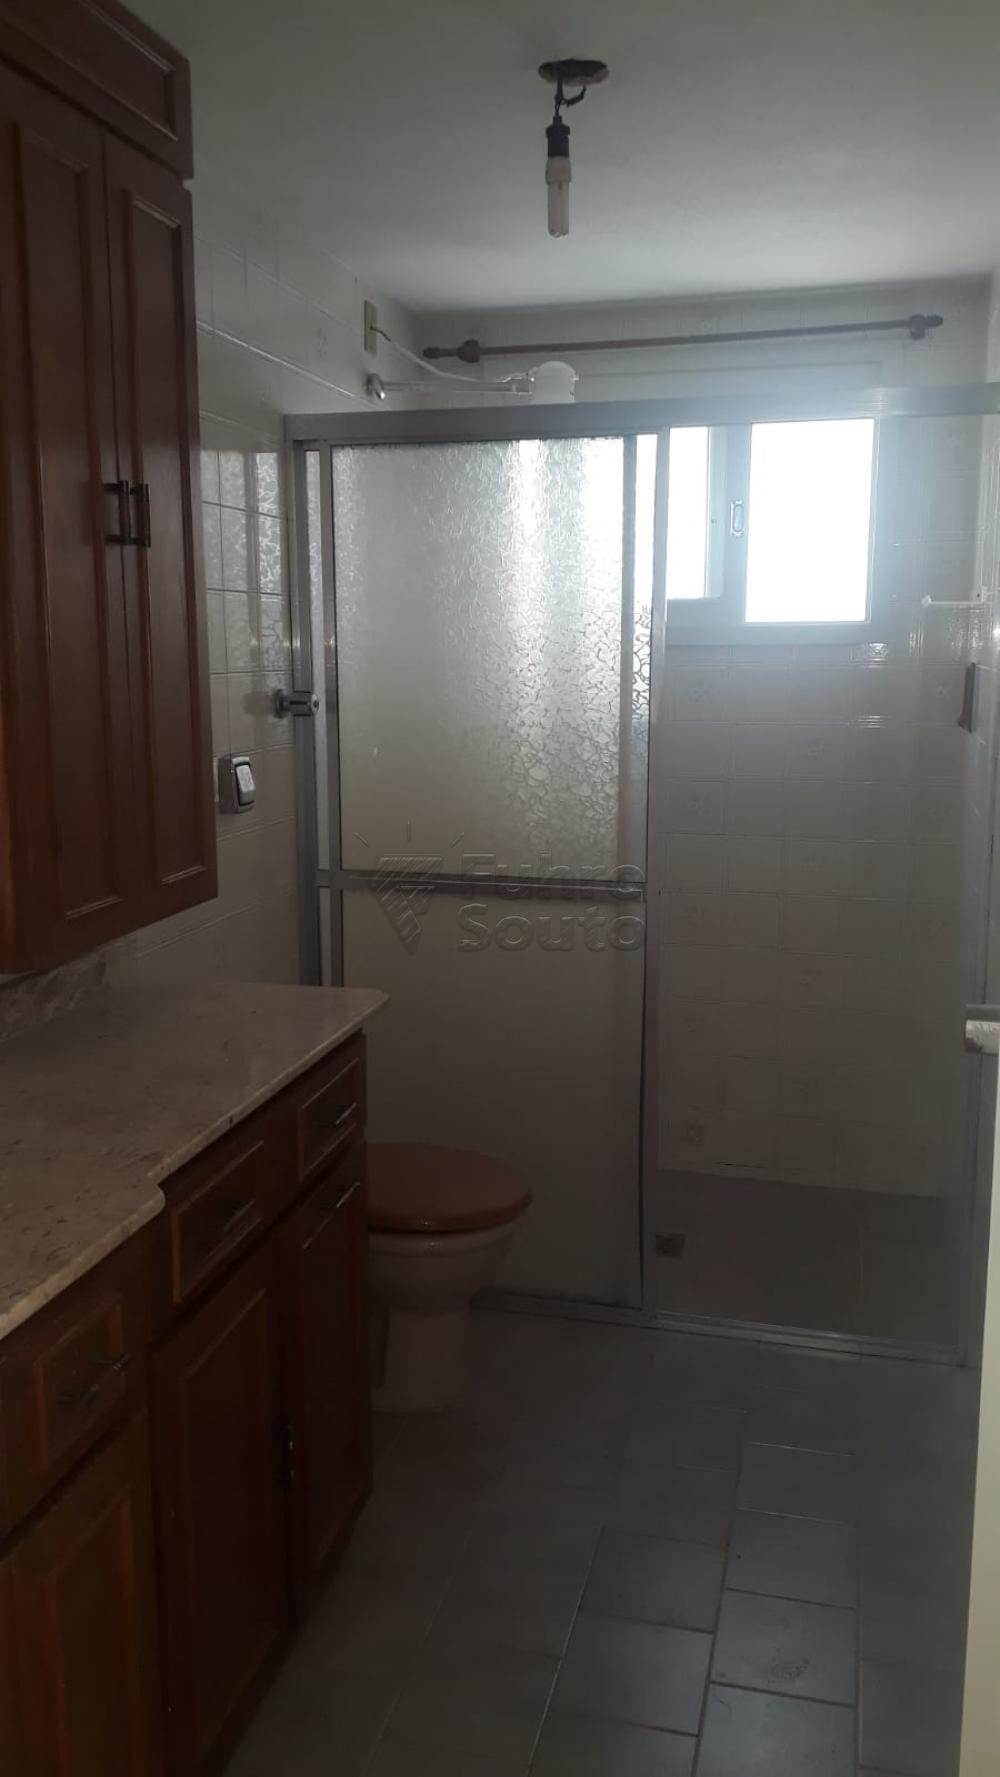 Comprar Apartamento / Padrão em Pelotas R$ 410.000,00 - Foto 5